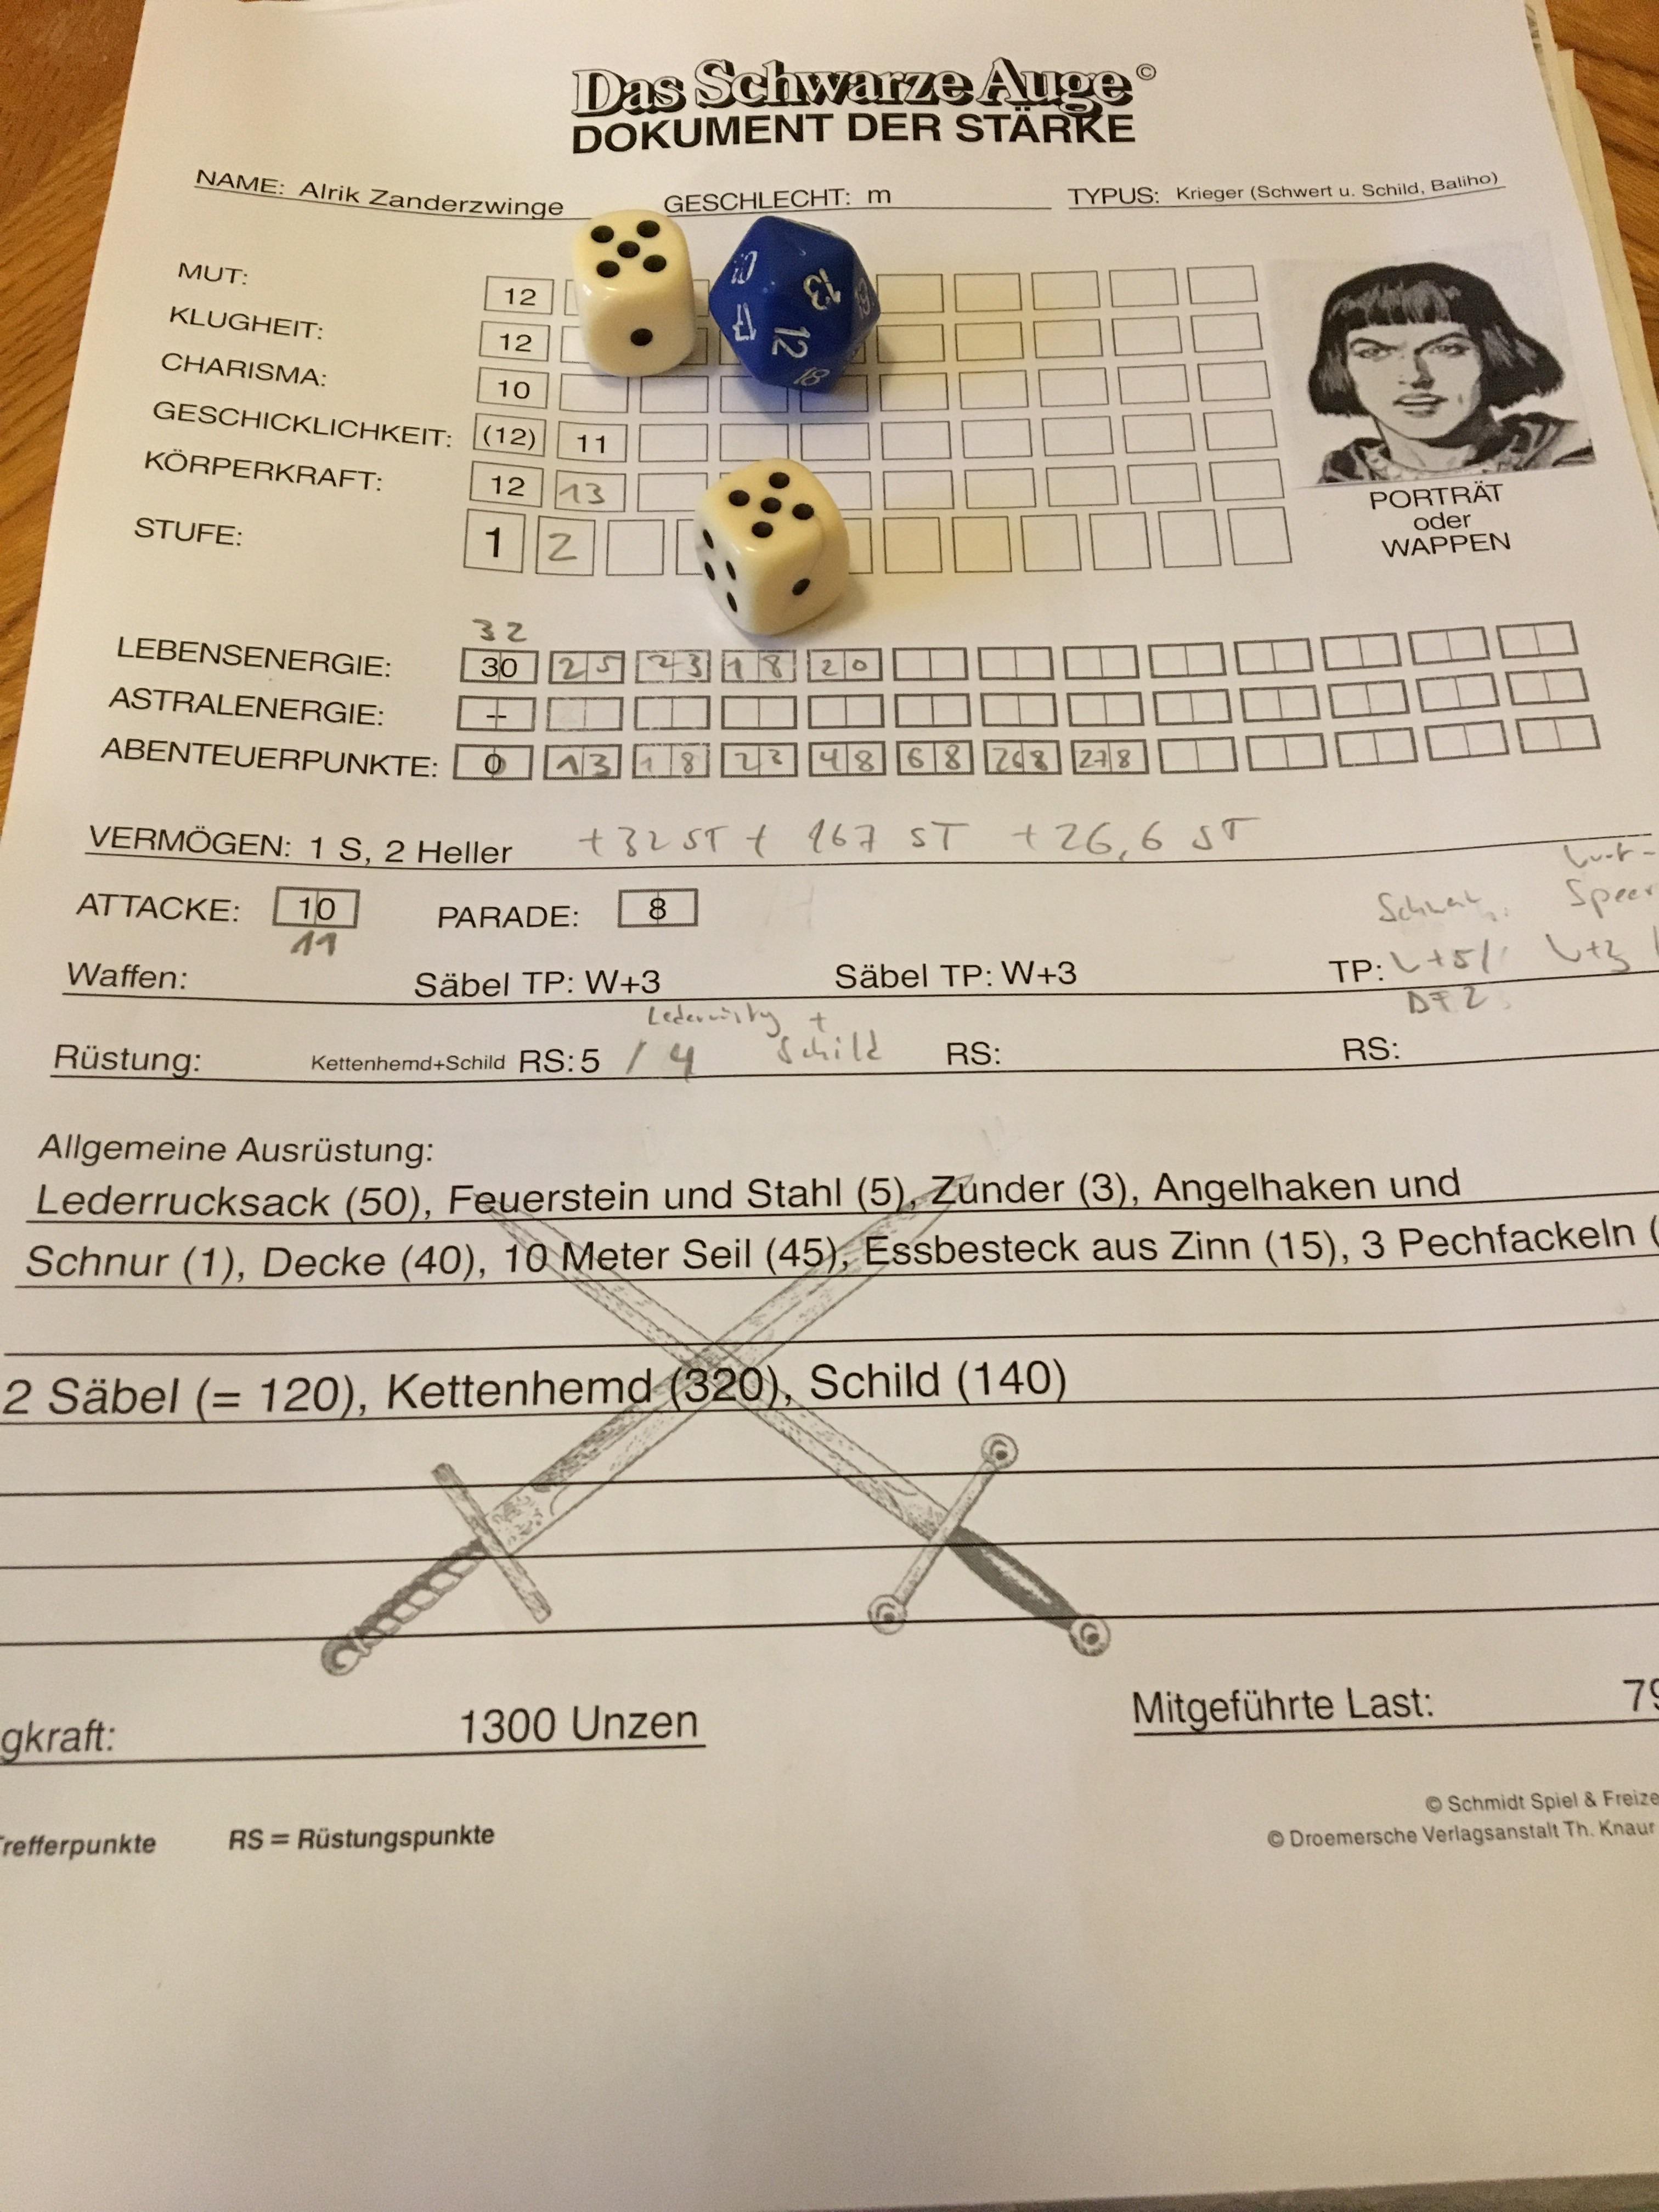 Schön Linkedin Lebenslauf Hochladen Ideen - Entry Level Resume ...